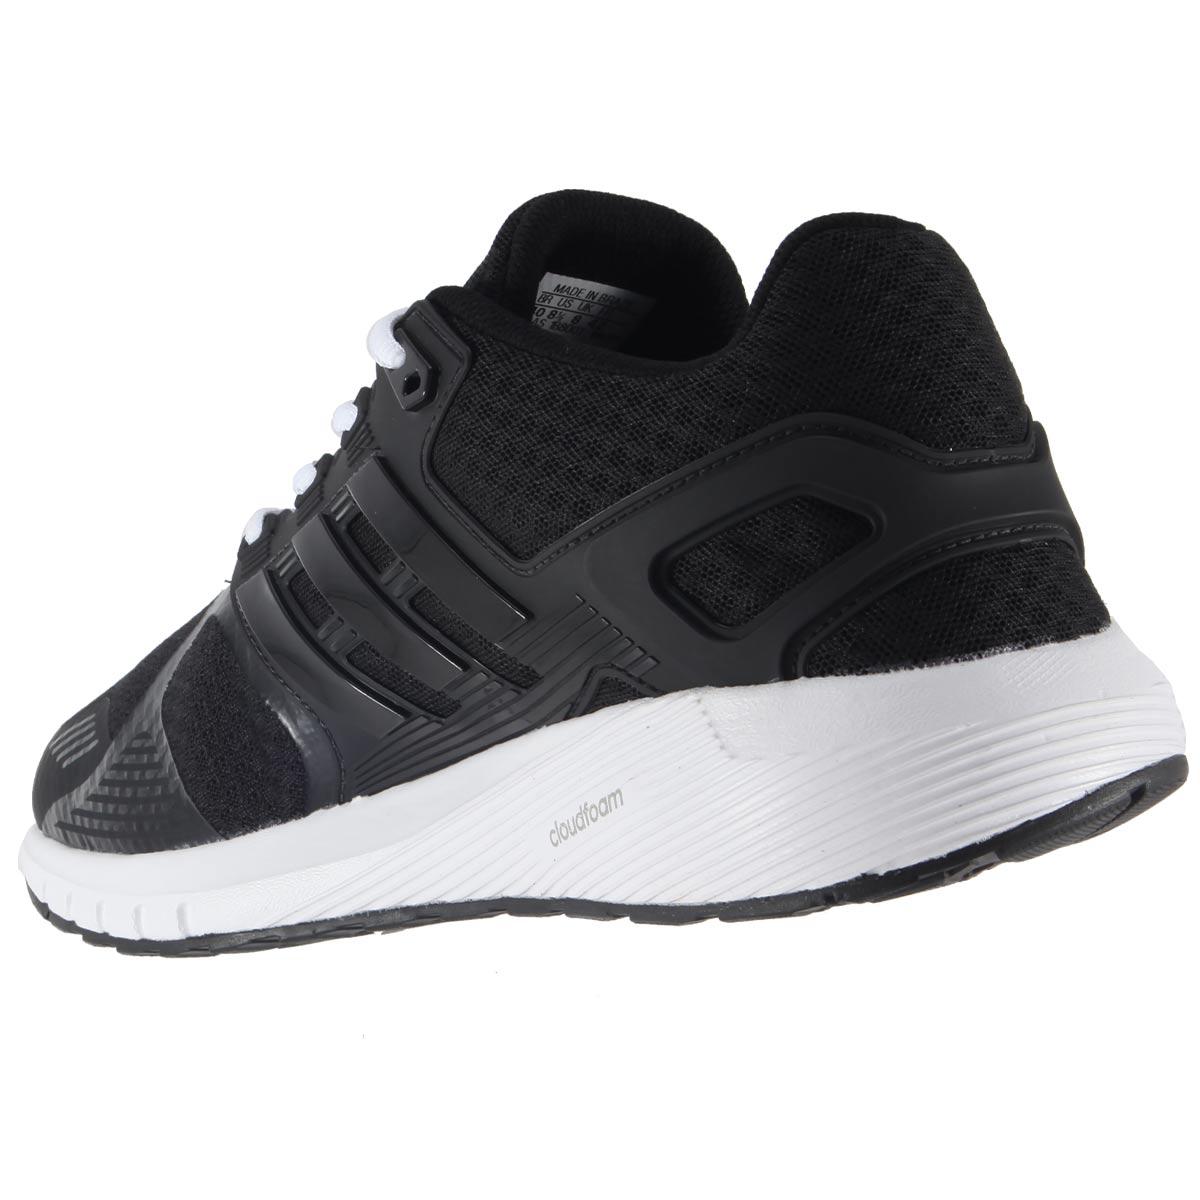 Tênis Adidas Duramo 8 Masculino Caminhada Corrida BA8078  - Ian Calçados